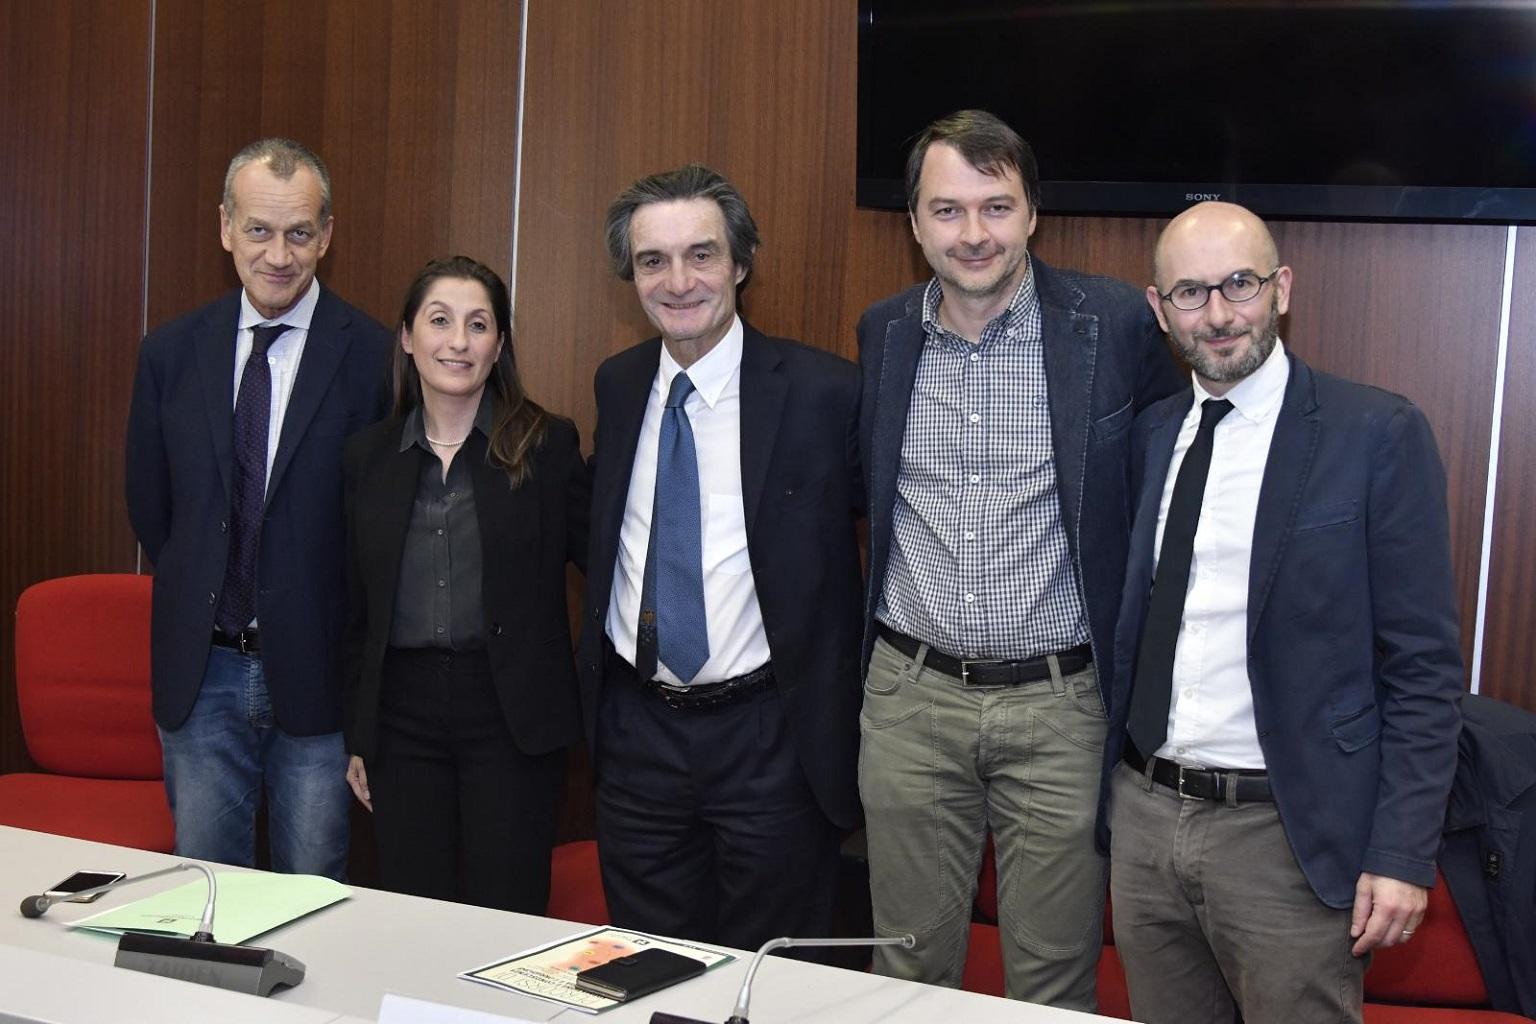 Al via in Lombardia i percorsi di formazione contro mafia e corruzione. Commissione Antimafia ci ha creduto fino in fondo